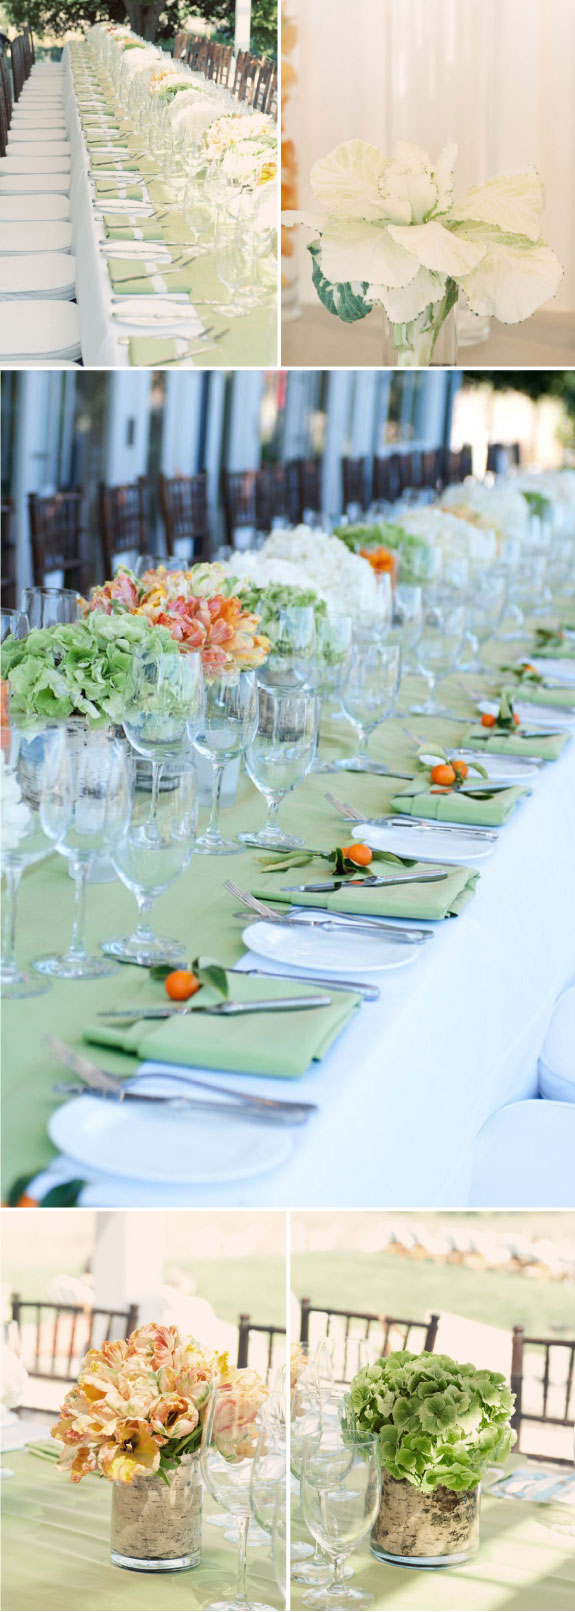 Pretty Wedding Ślub z tulipanami, pomarańczowy i zielony kolor na ślubie